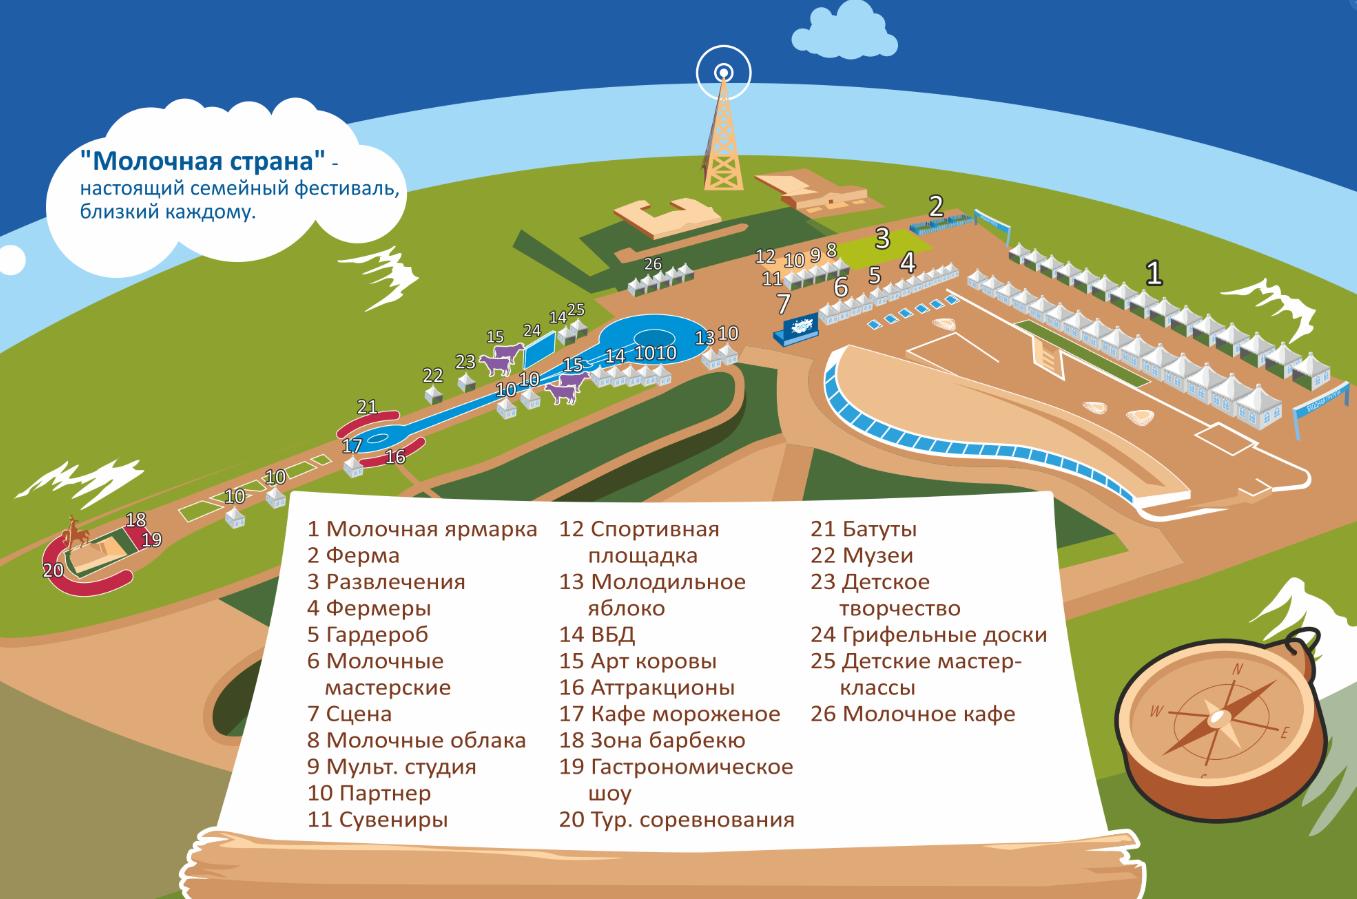 molochnaya-strana-bash-3